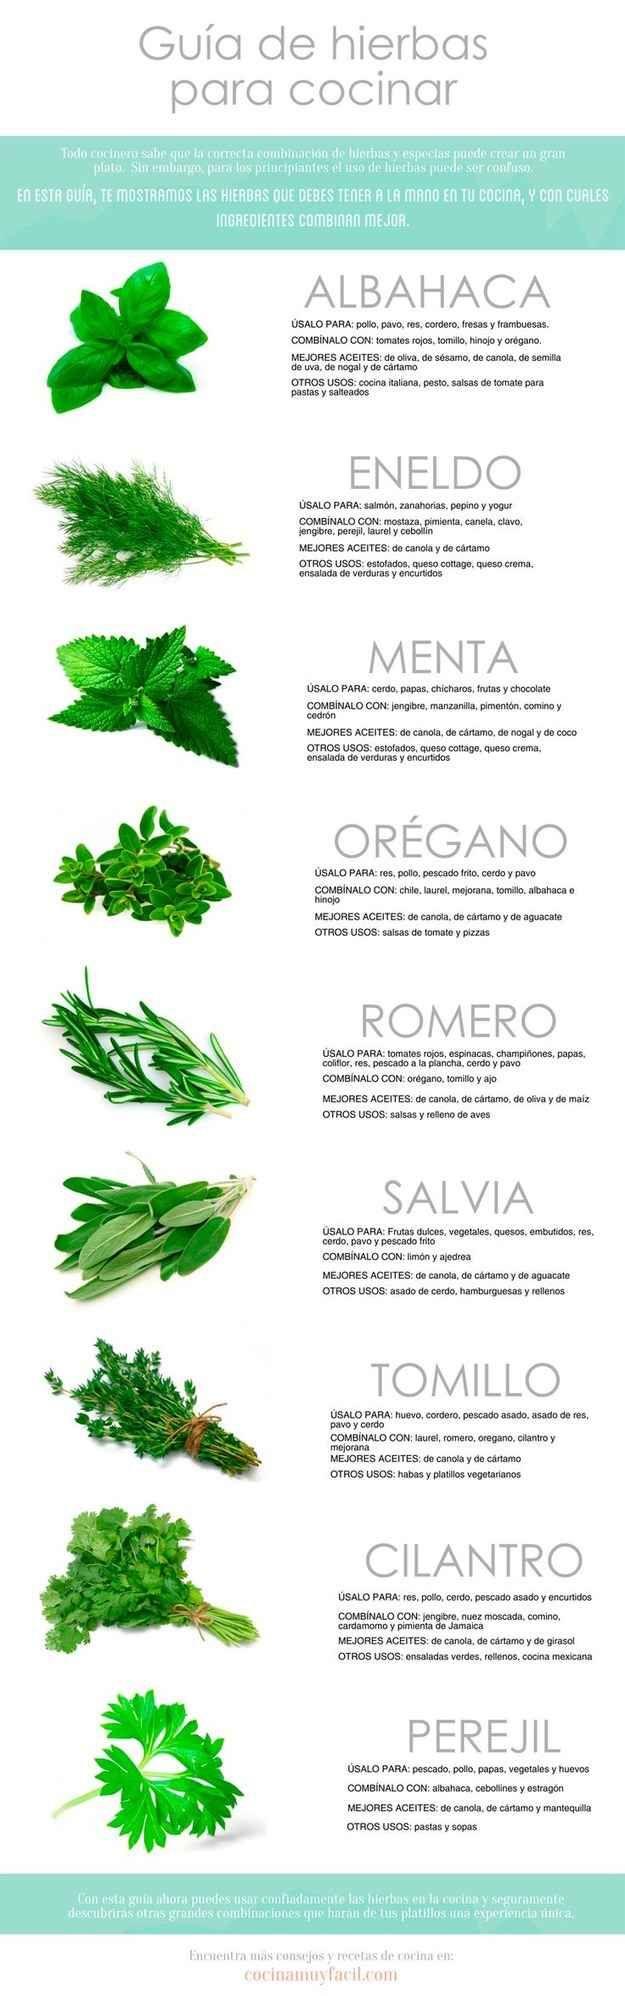 Esta guía de hierbas salvará tu vida.